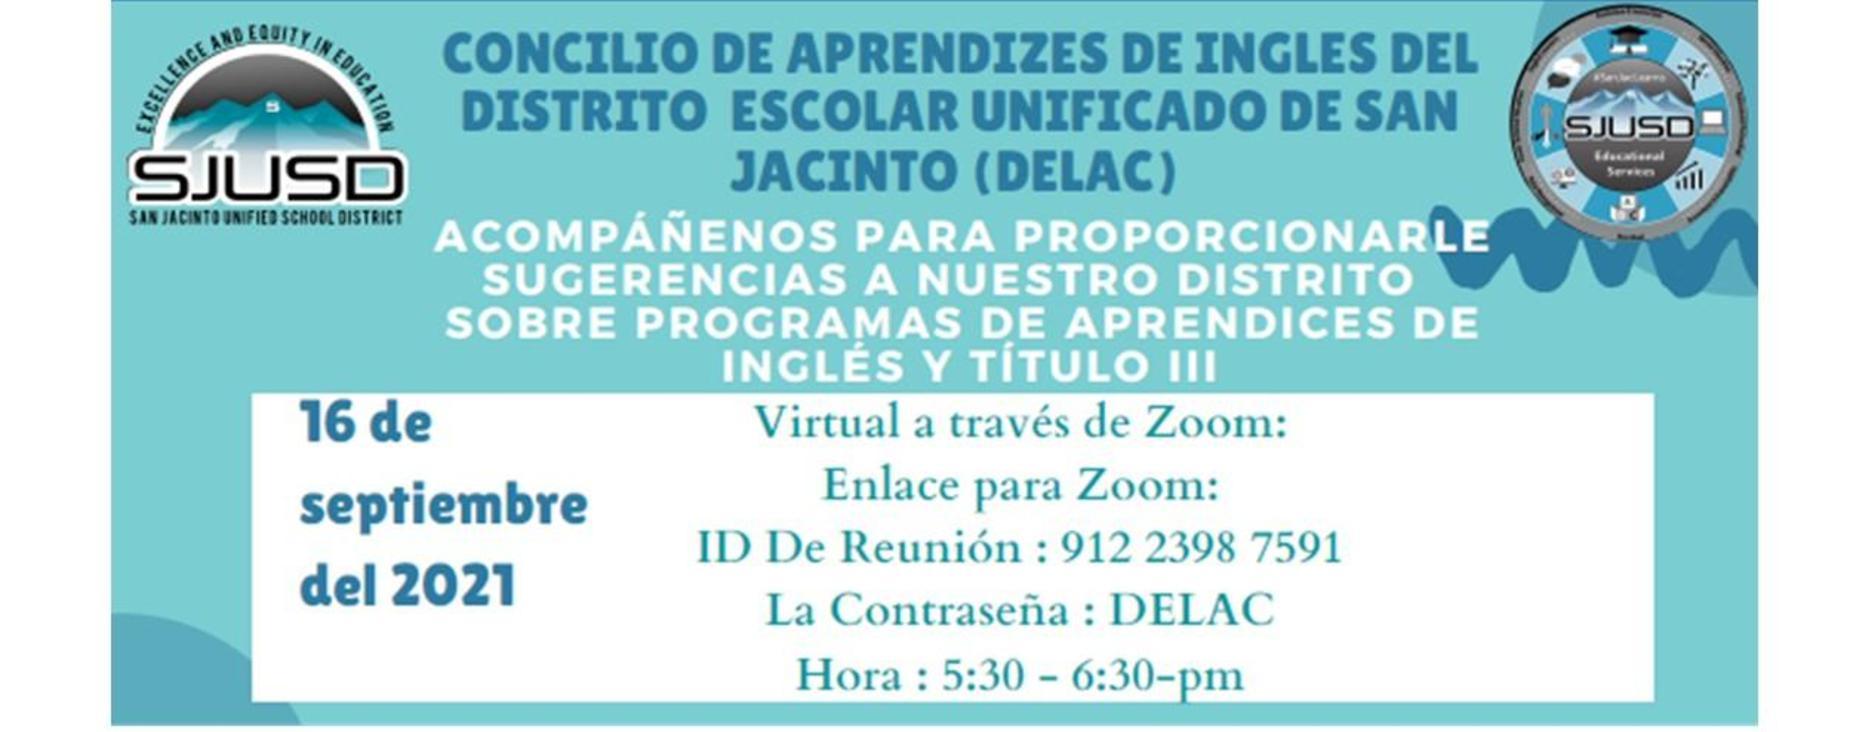 DELAC Virtual Meeting 9.16.21, 5:30pm Meeting ID 912 2398 7591 Password: DELAC